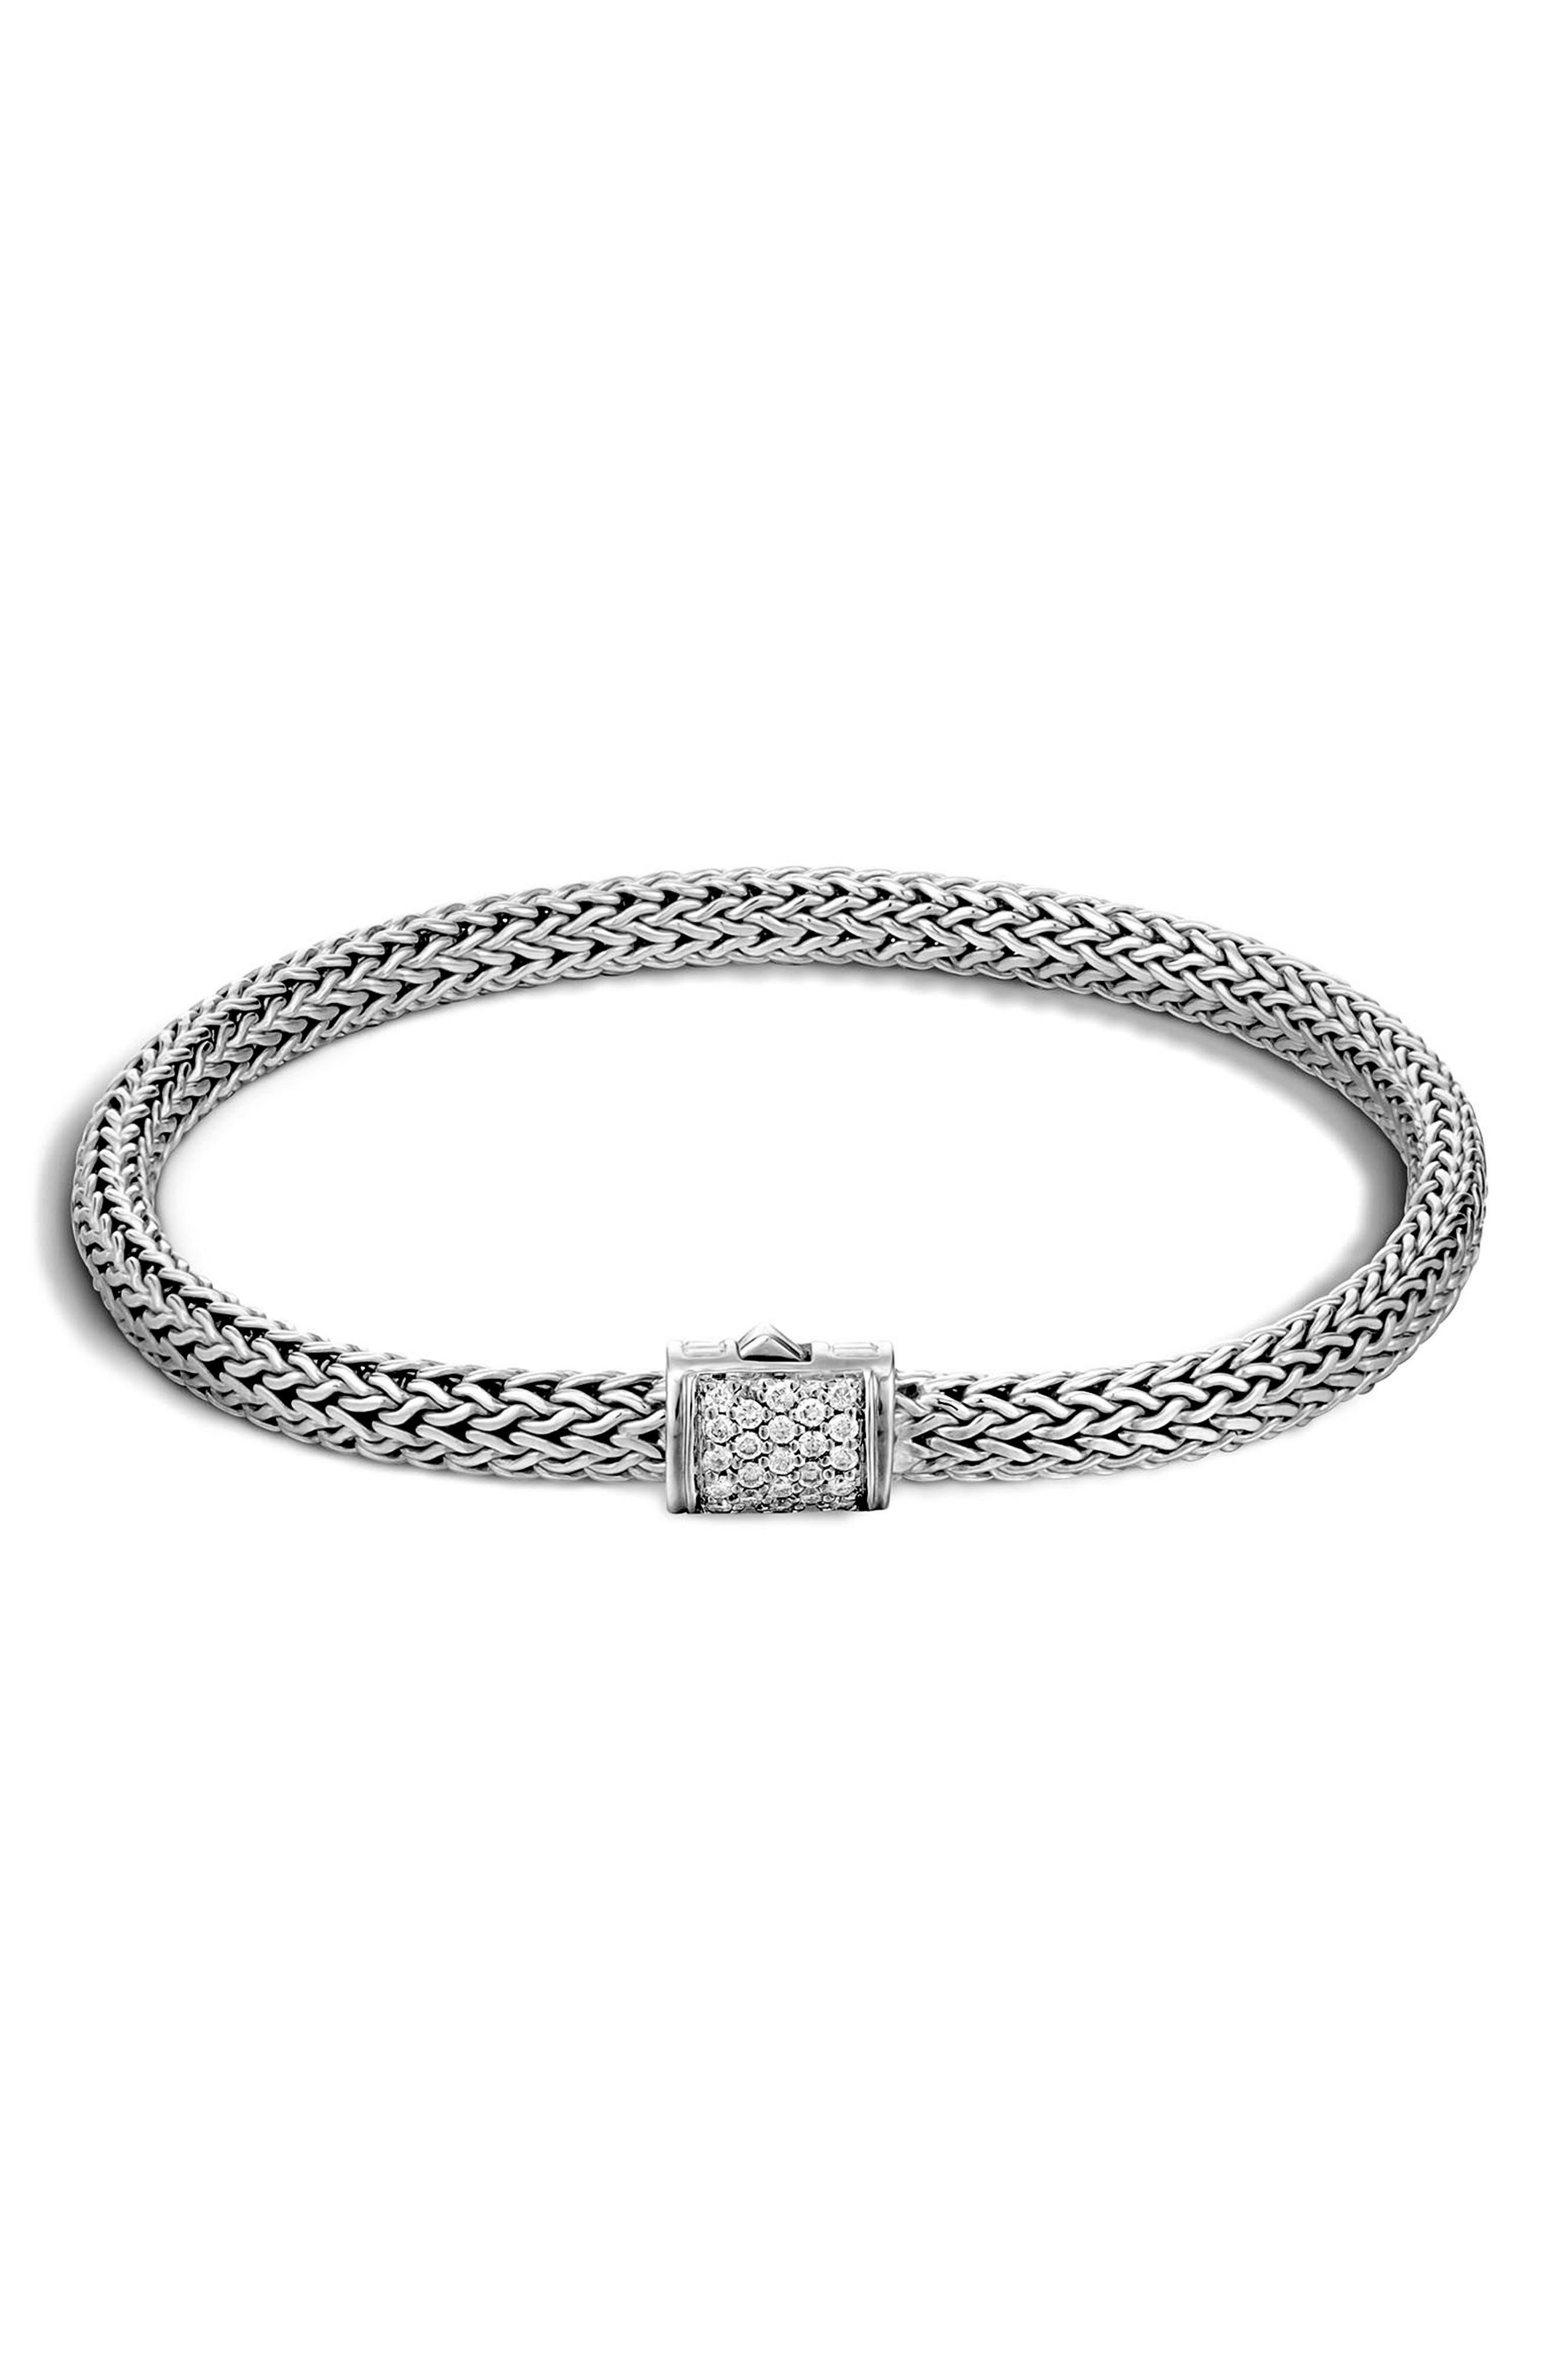 Classic Chain 5mm Diamond Bracelet,                             Main thumbnail 1, color,                             NO COLOR